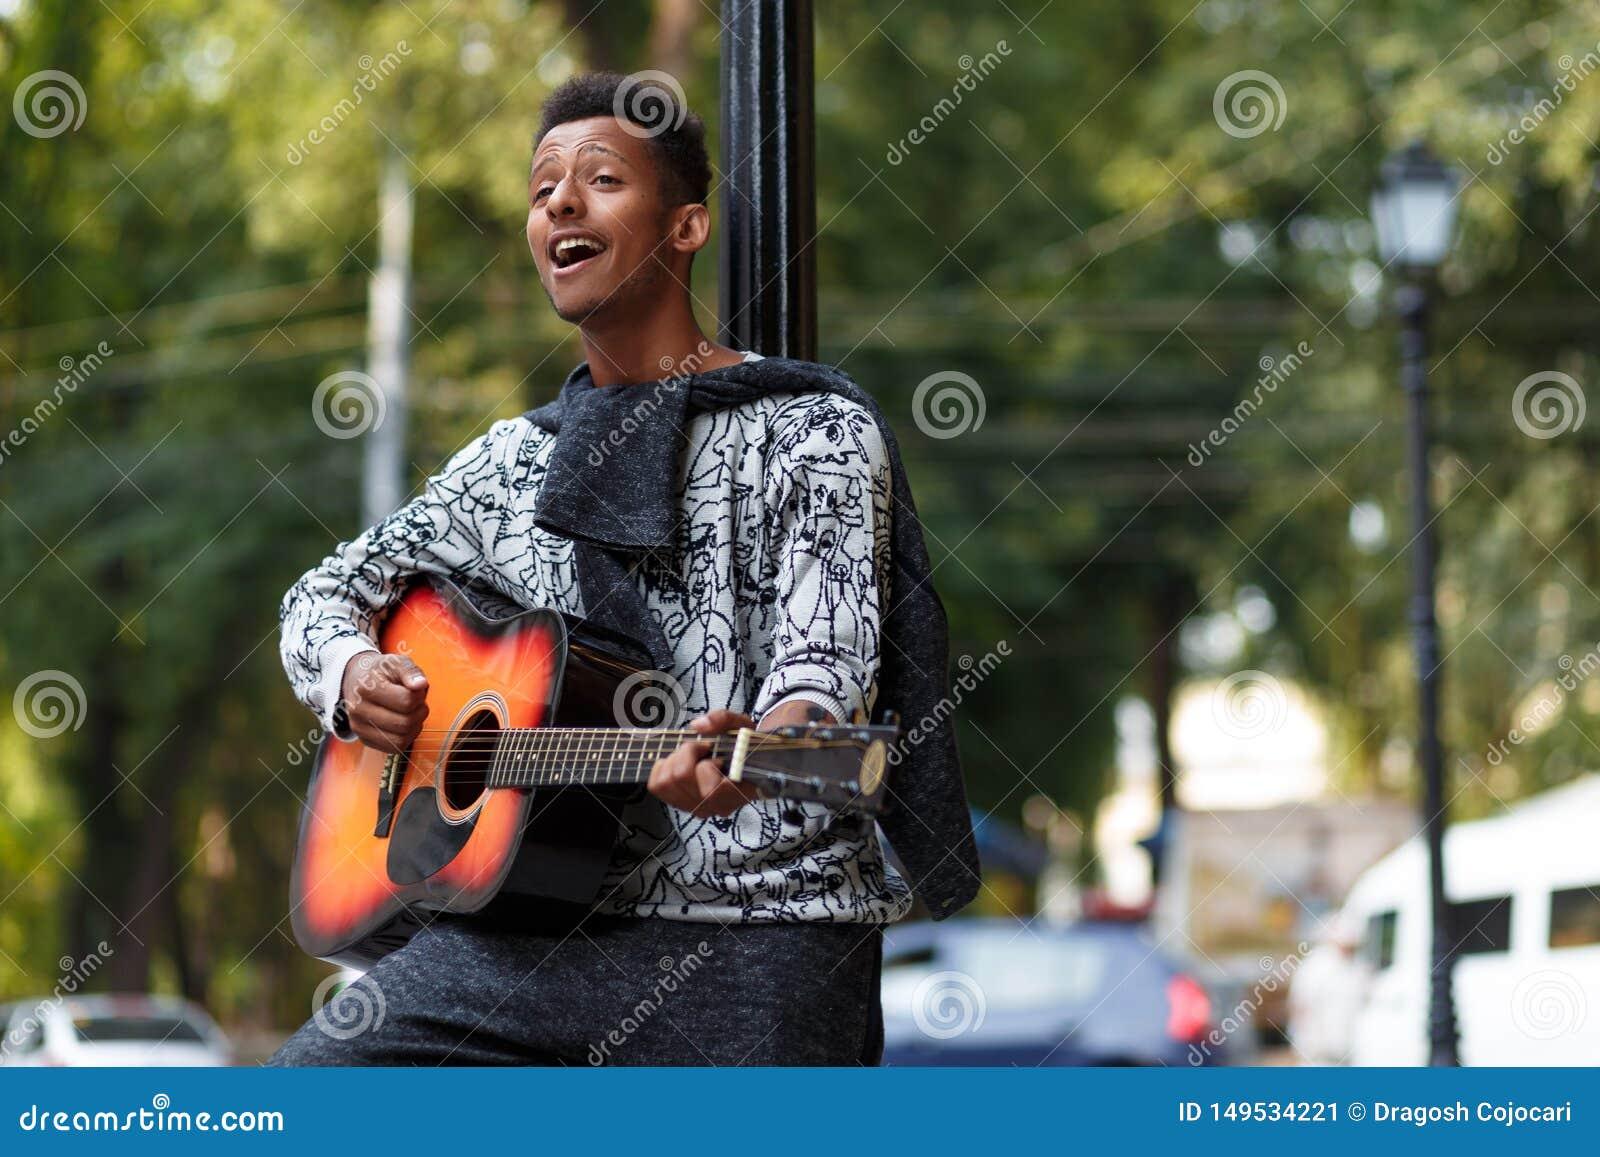 De jonge die musicus op gitaar wordt gespeeld, zingt een lied in zonnige dag, op een vage straatachtergrond